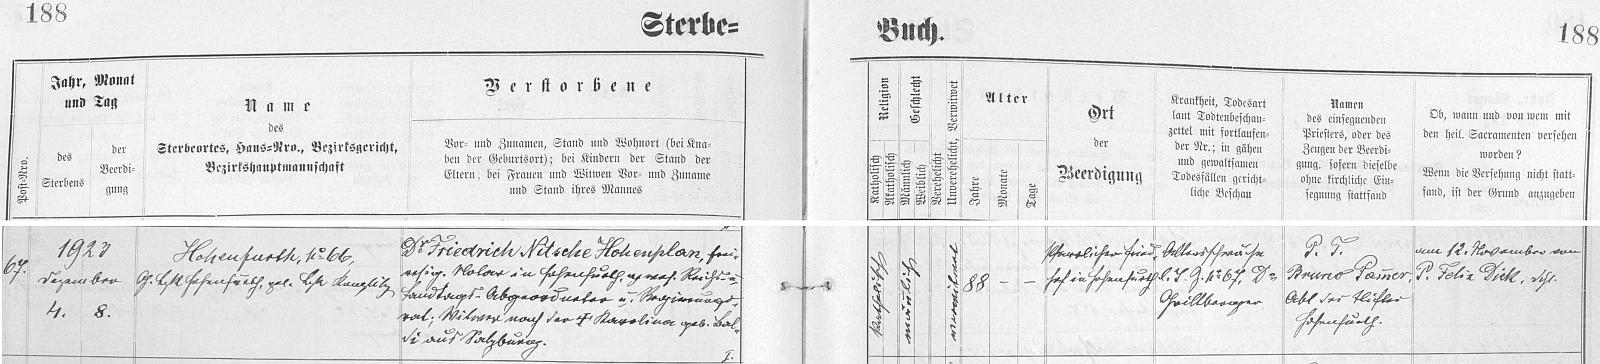 Index vyšebrodské matriky zachycuje datum jeho úmrtí v roce 1923